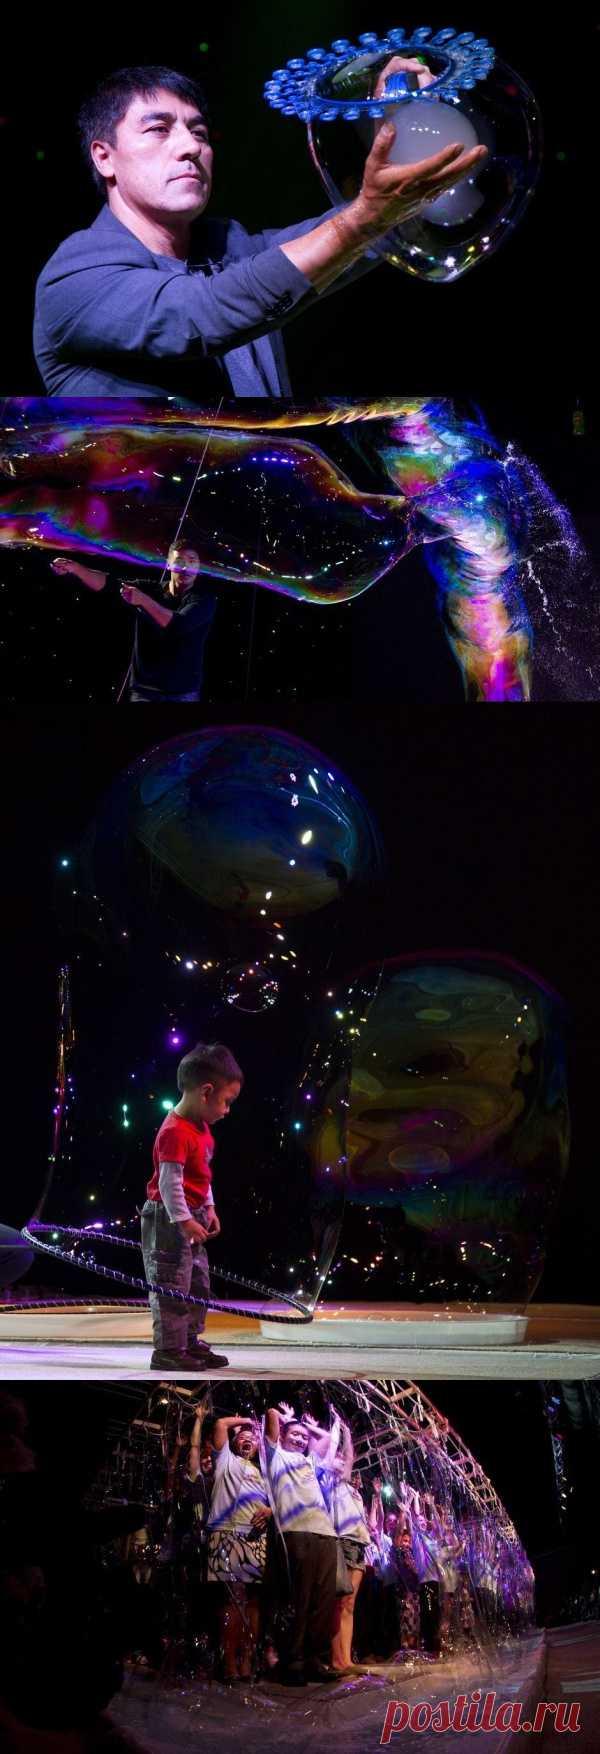 Канадский мастер по мыльным пузырям (оказывается, есть и такая профессия) Фэн Янь установил новый мировой рекорд, «завернув» 181 человека в огромный мыльный пузырь во время представления в Ванкувере. Прошлый мировой рекорд – 125 человек в пузыре. Перед выступлением Фэн Янь попросил участников: «Во время шоу вам захочется ткнуть пальцем в мыльный пузырь вокруг вас. Подавите в себе это желание» ))